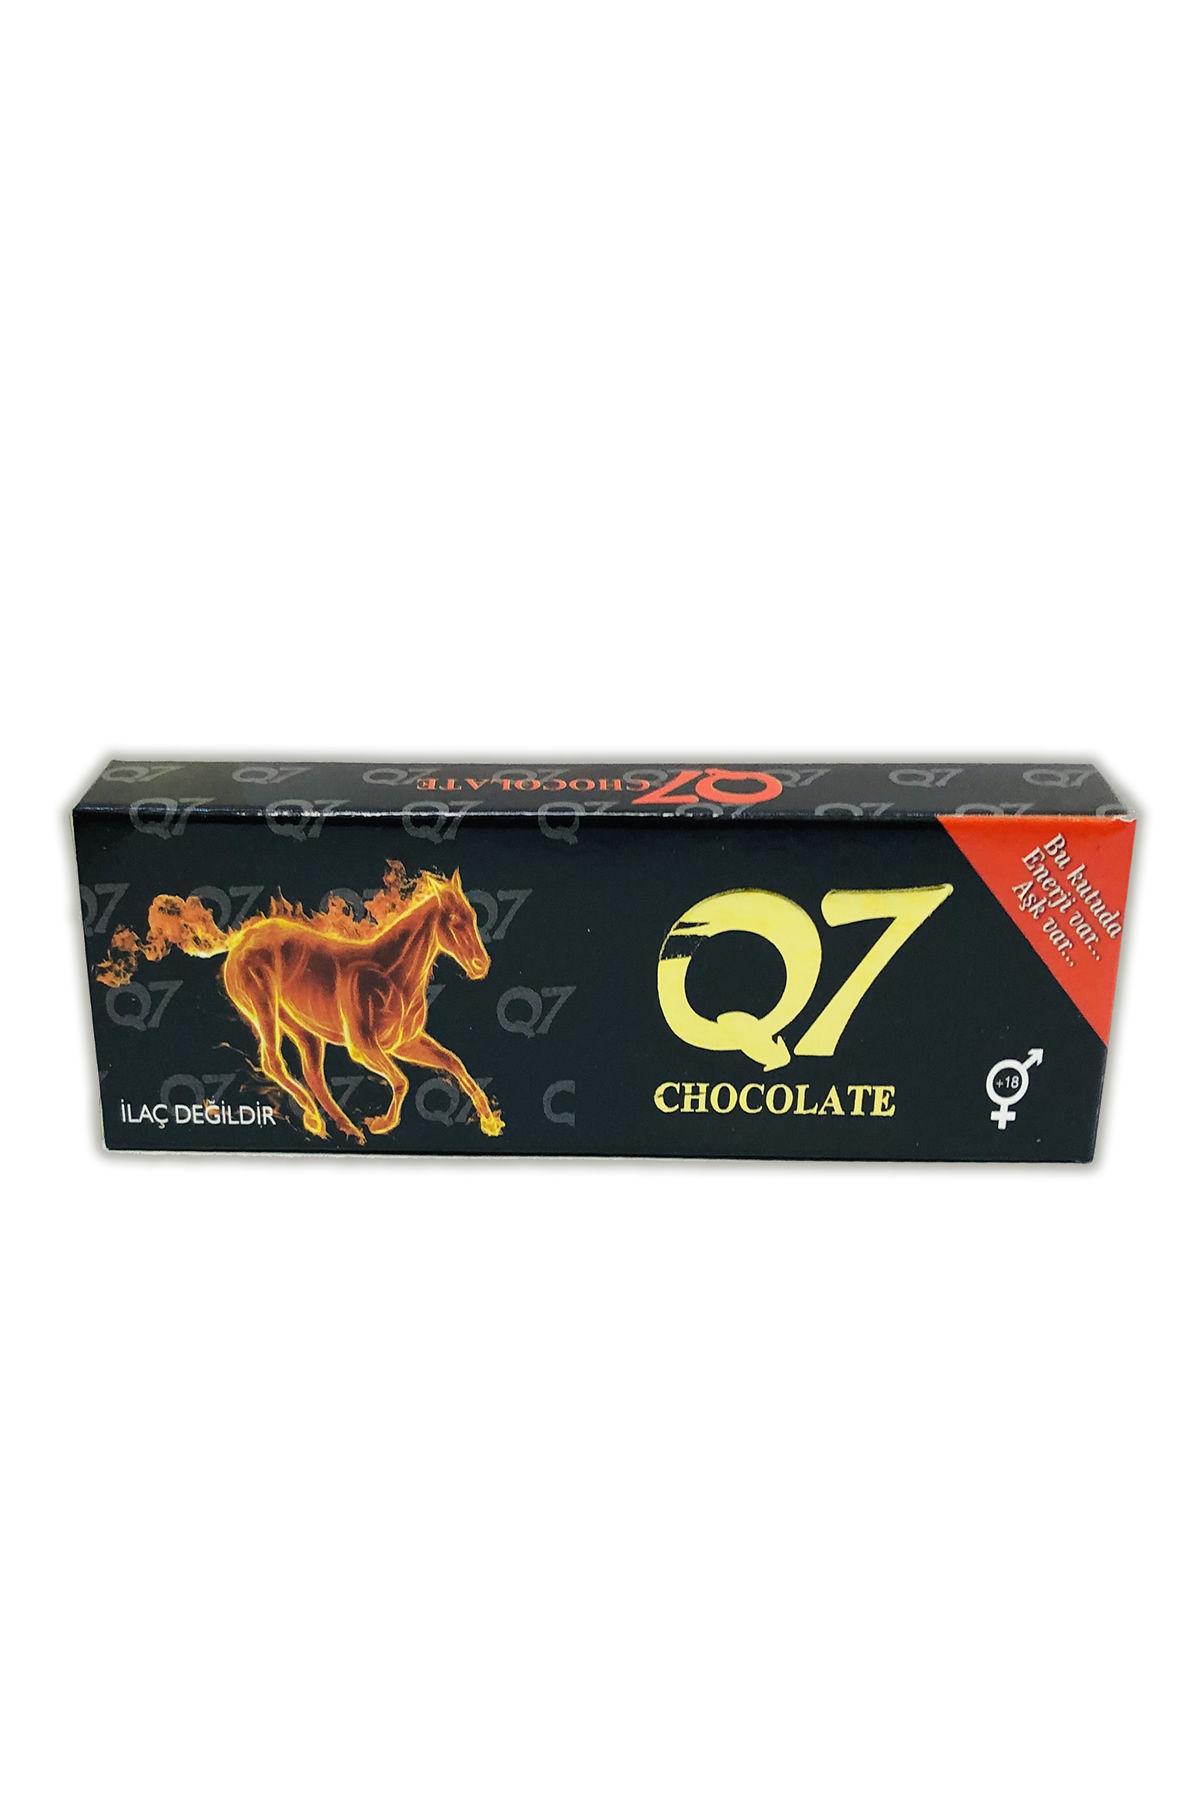 Q7 شوكولاتة الإثارة مع خلاصة الإبيميديوم والجنسنج للرجل والمرأة، 35 جرام، 12 قطعة